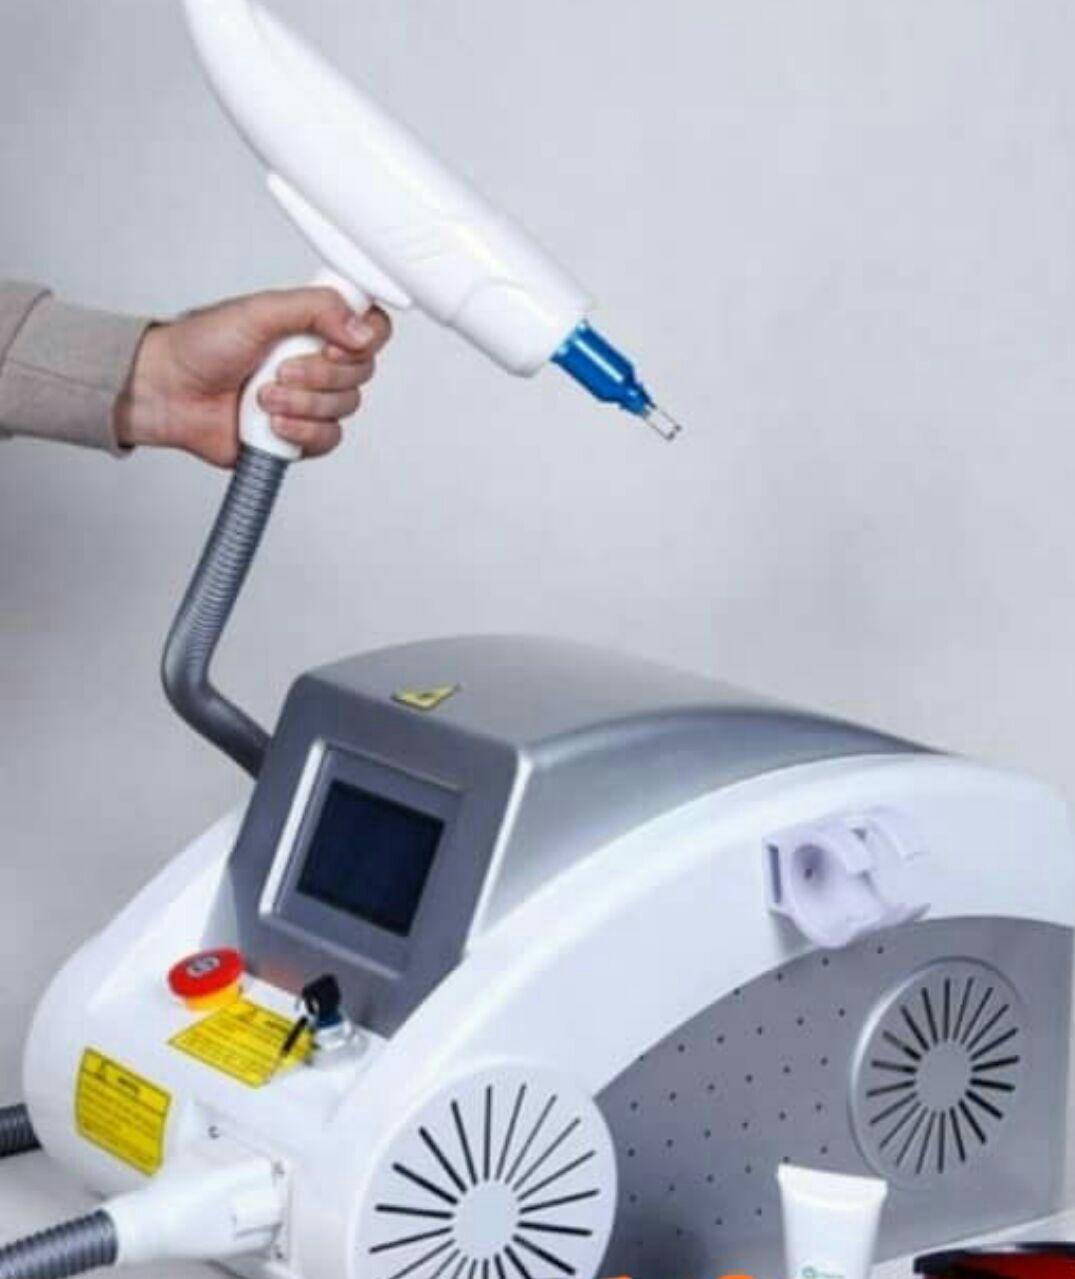 لیزر تتو پاک کن/09120750932/قیمت لیزر تتو پاک کن